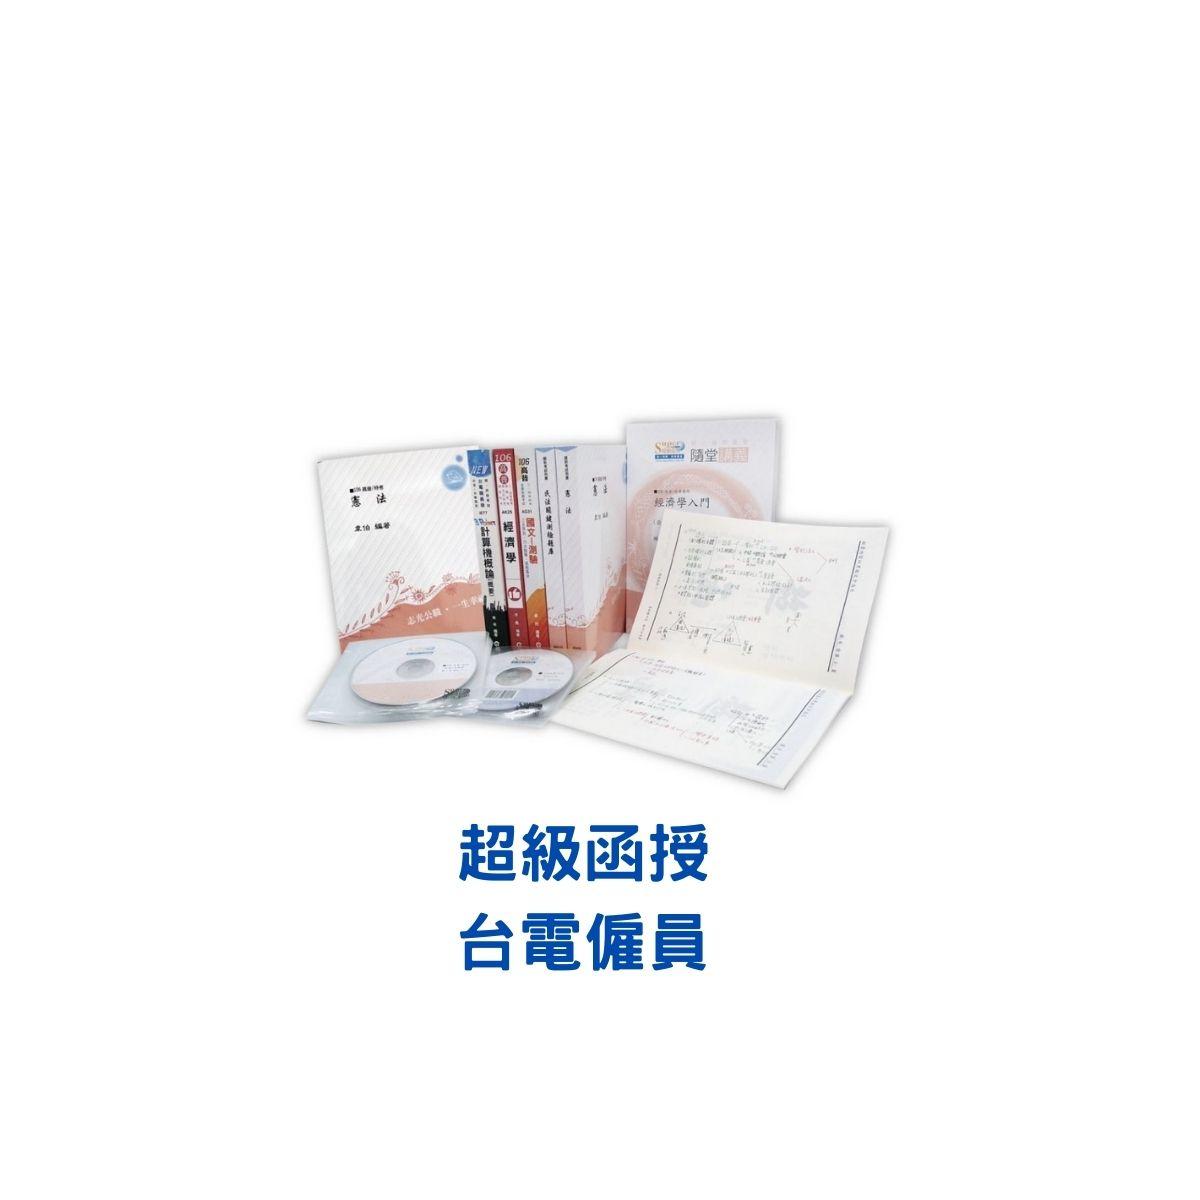 111/超級函授/台電新進僱員/配電線路維護/年度班/全套/雲端函授